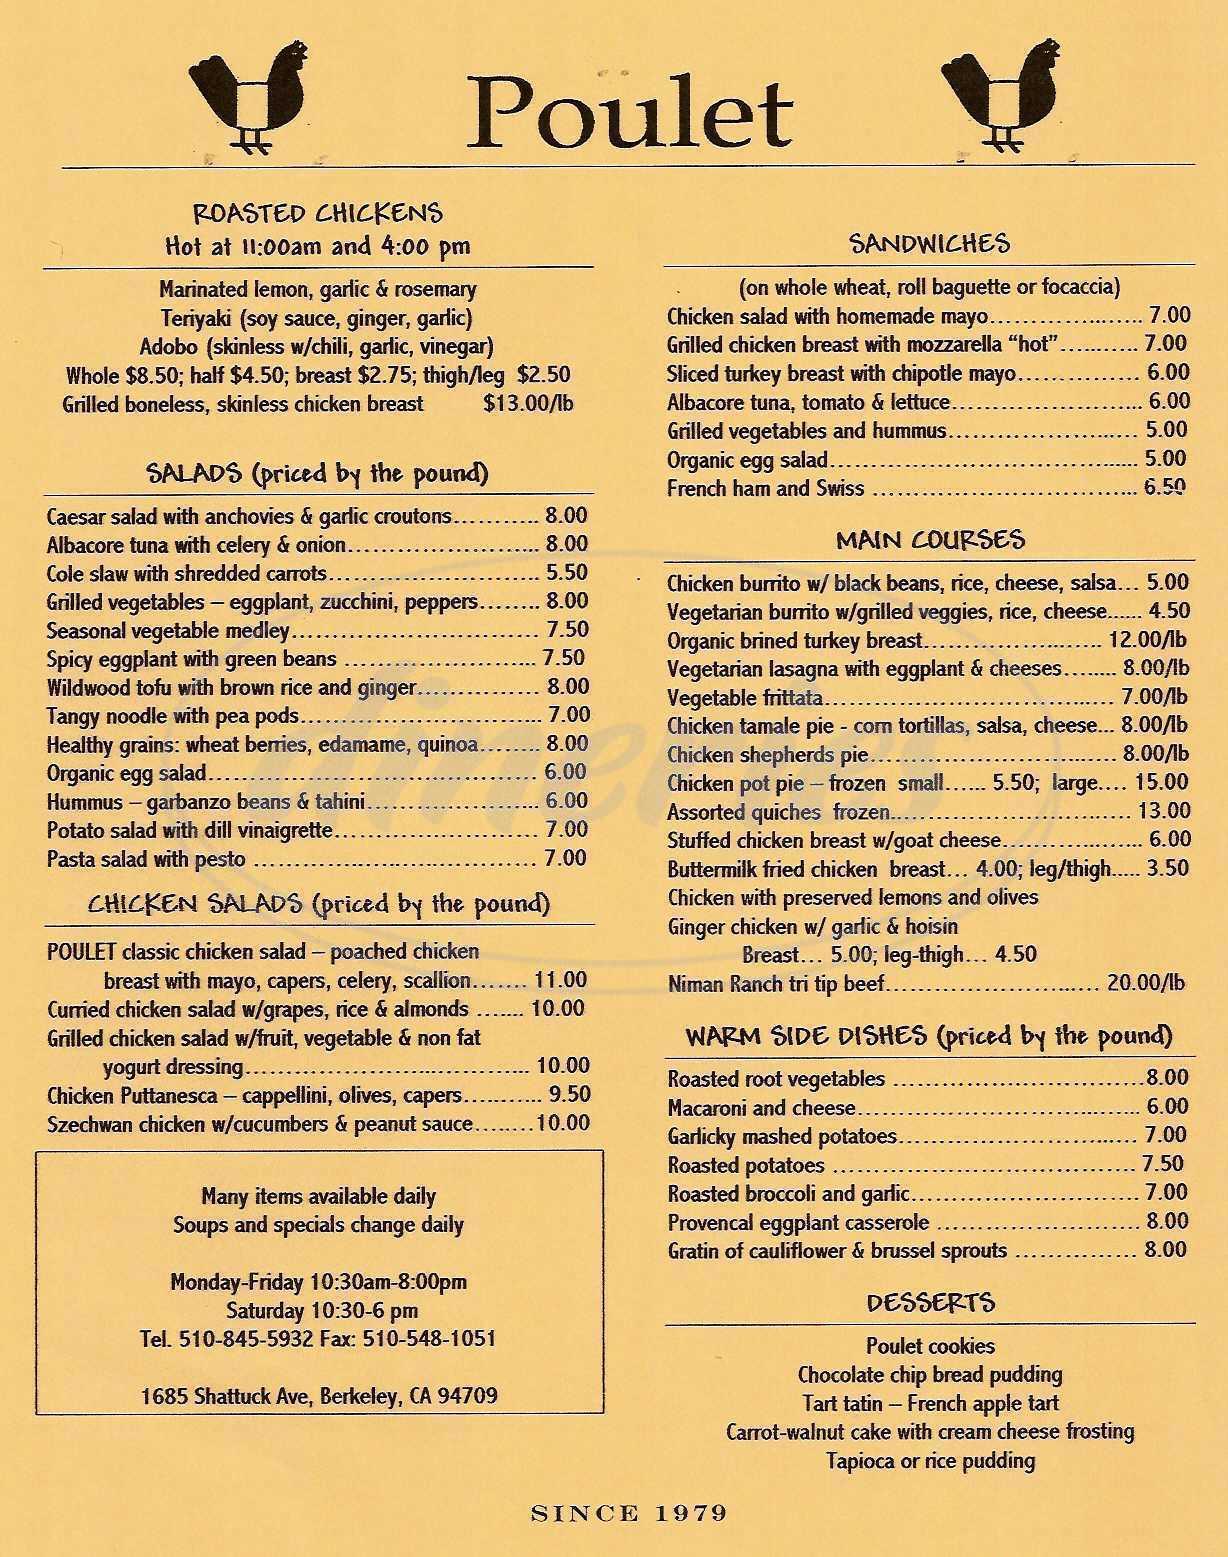 menu for Poulet